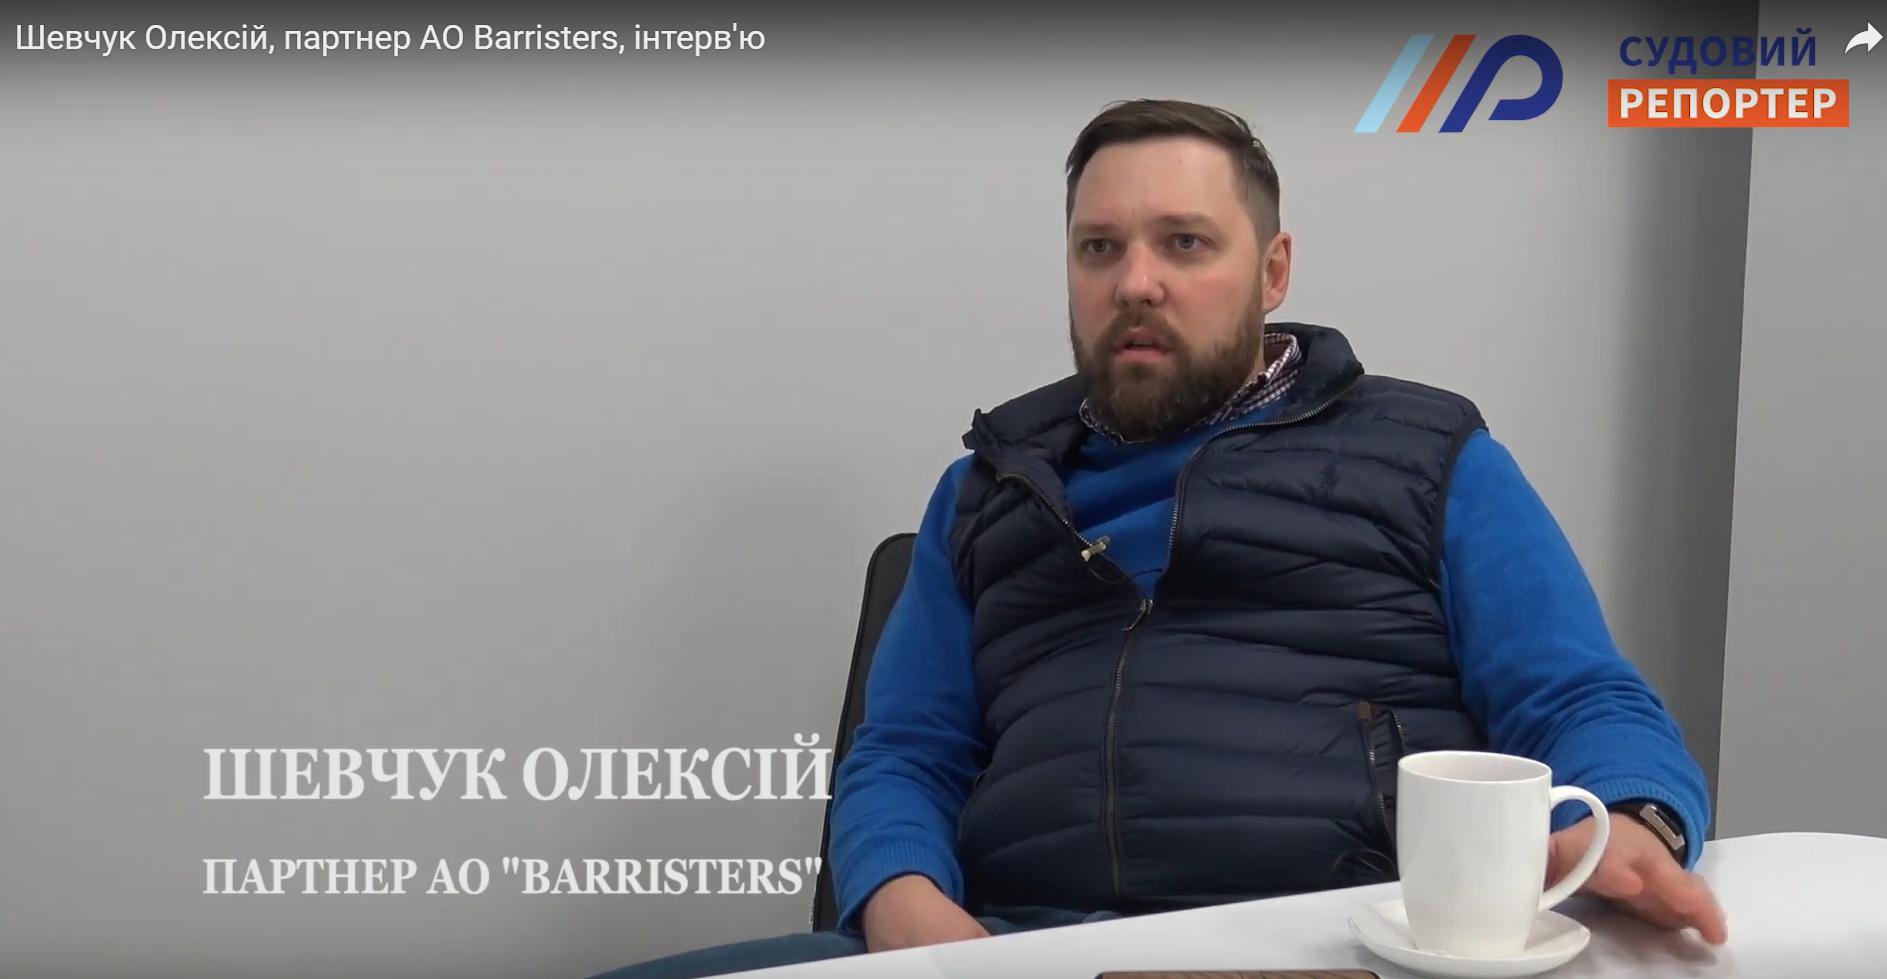 Шевчук Олексій, партнер АО Barristers, інтерв'ю